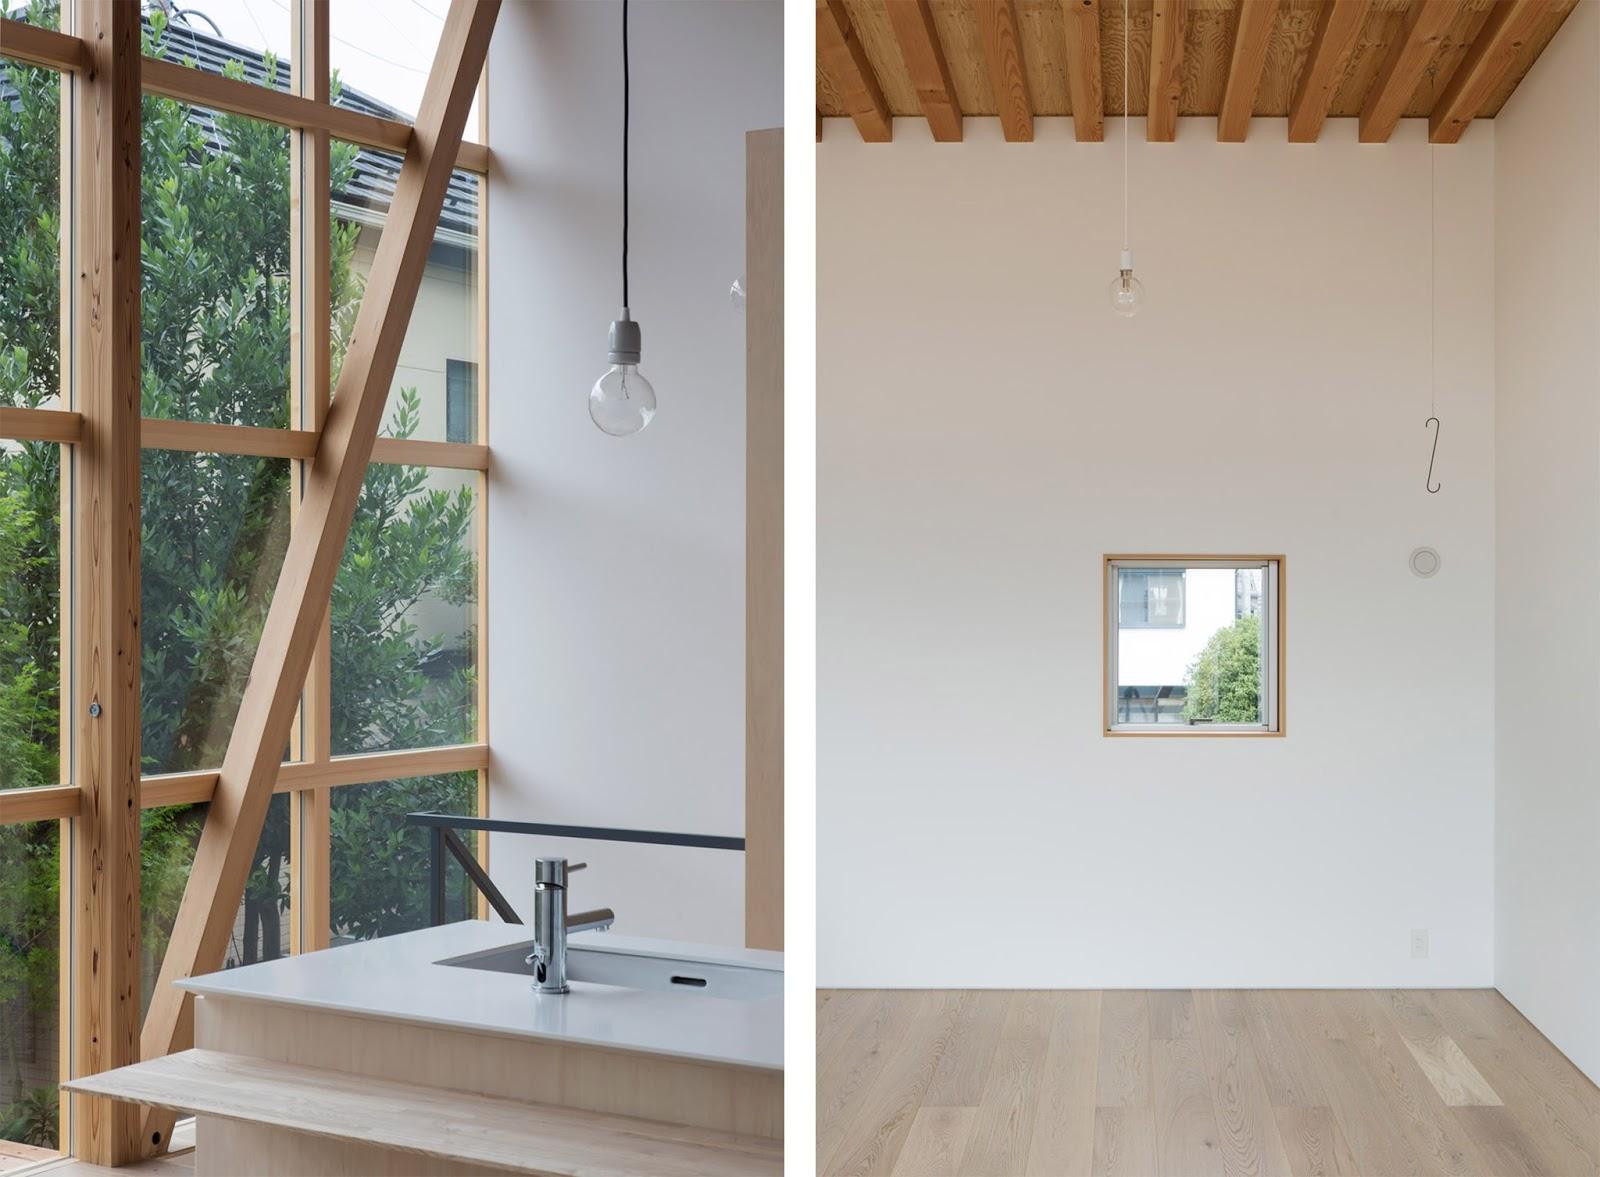 Casa con sistema modulare per tatami in giappone by tetsuo for Giapponese a casa